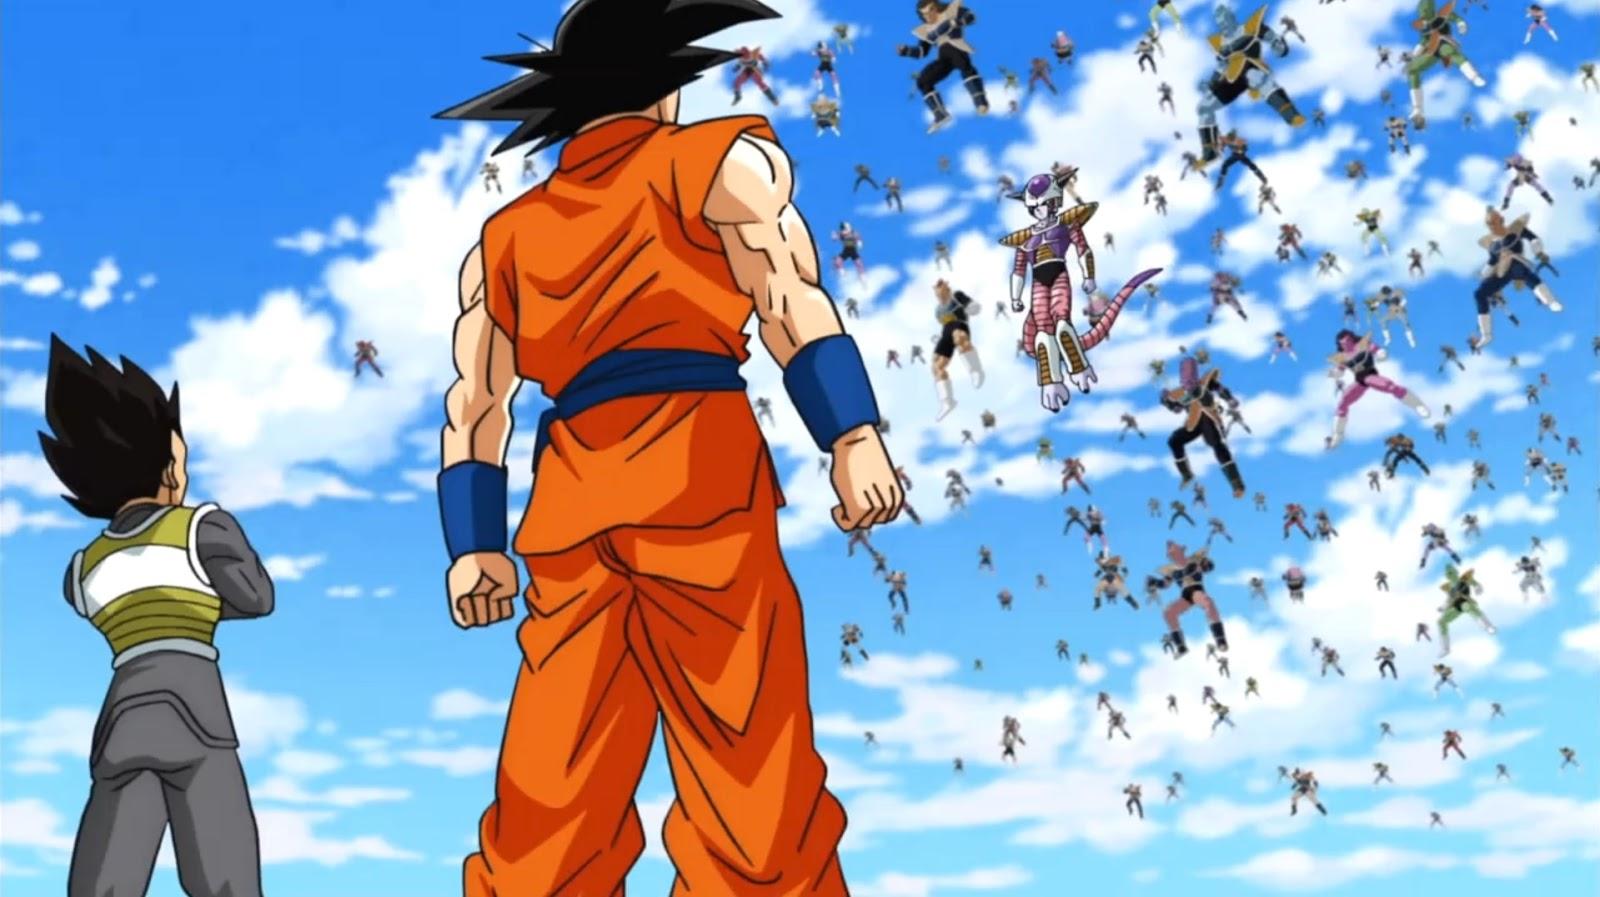 Dragon Ball Super: Episódio 23 – A Terra e Gohan estão em Apuros! Venha depressa, Son Goku